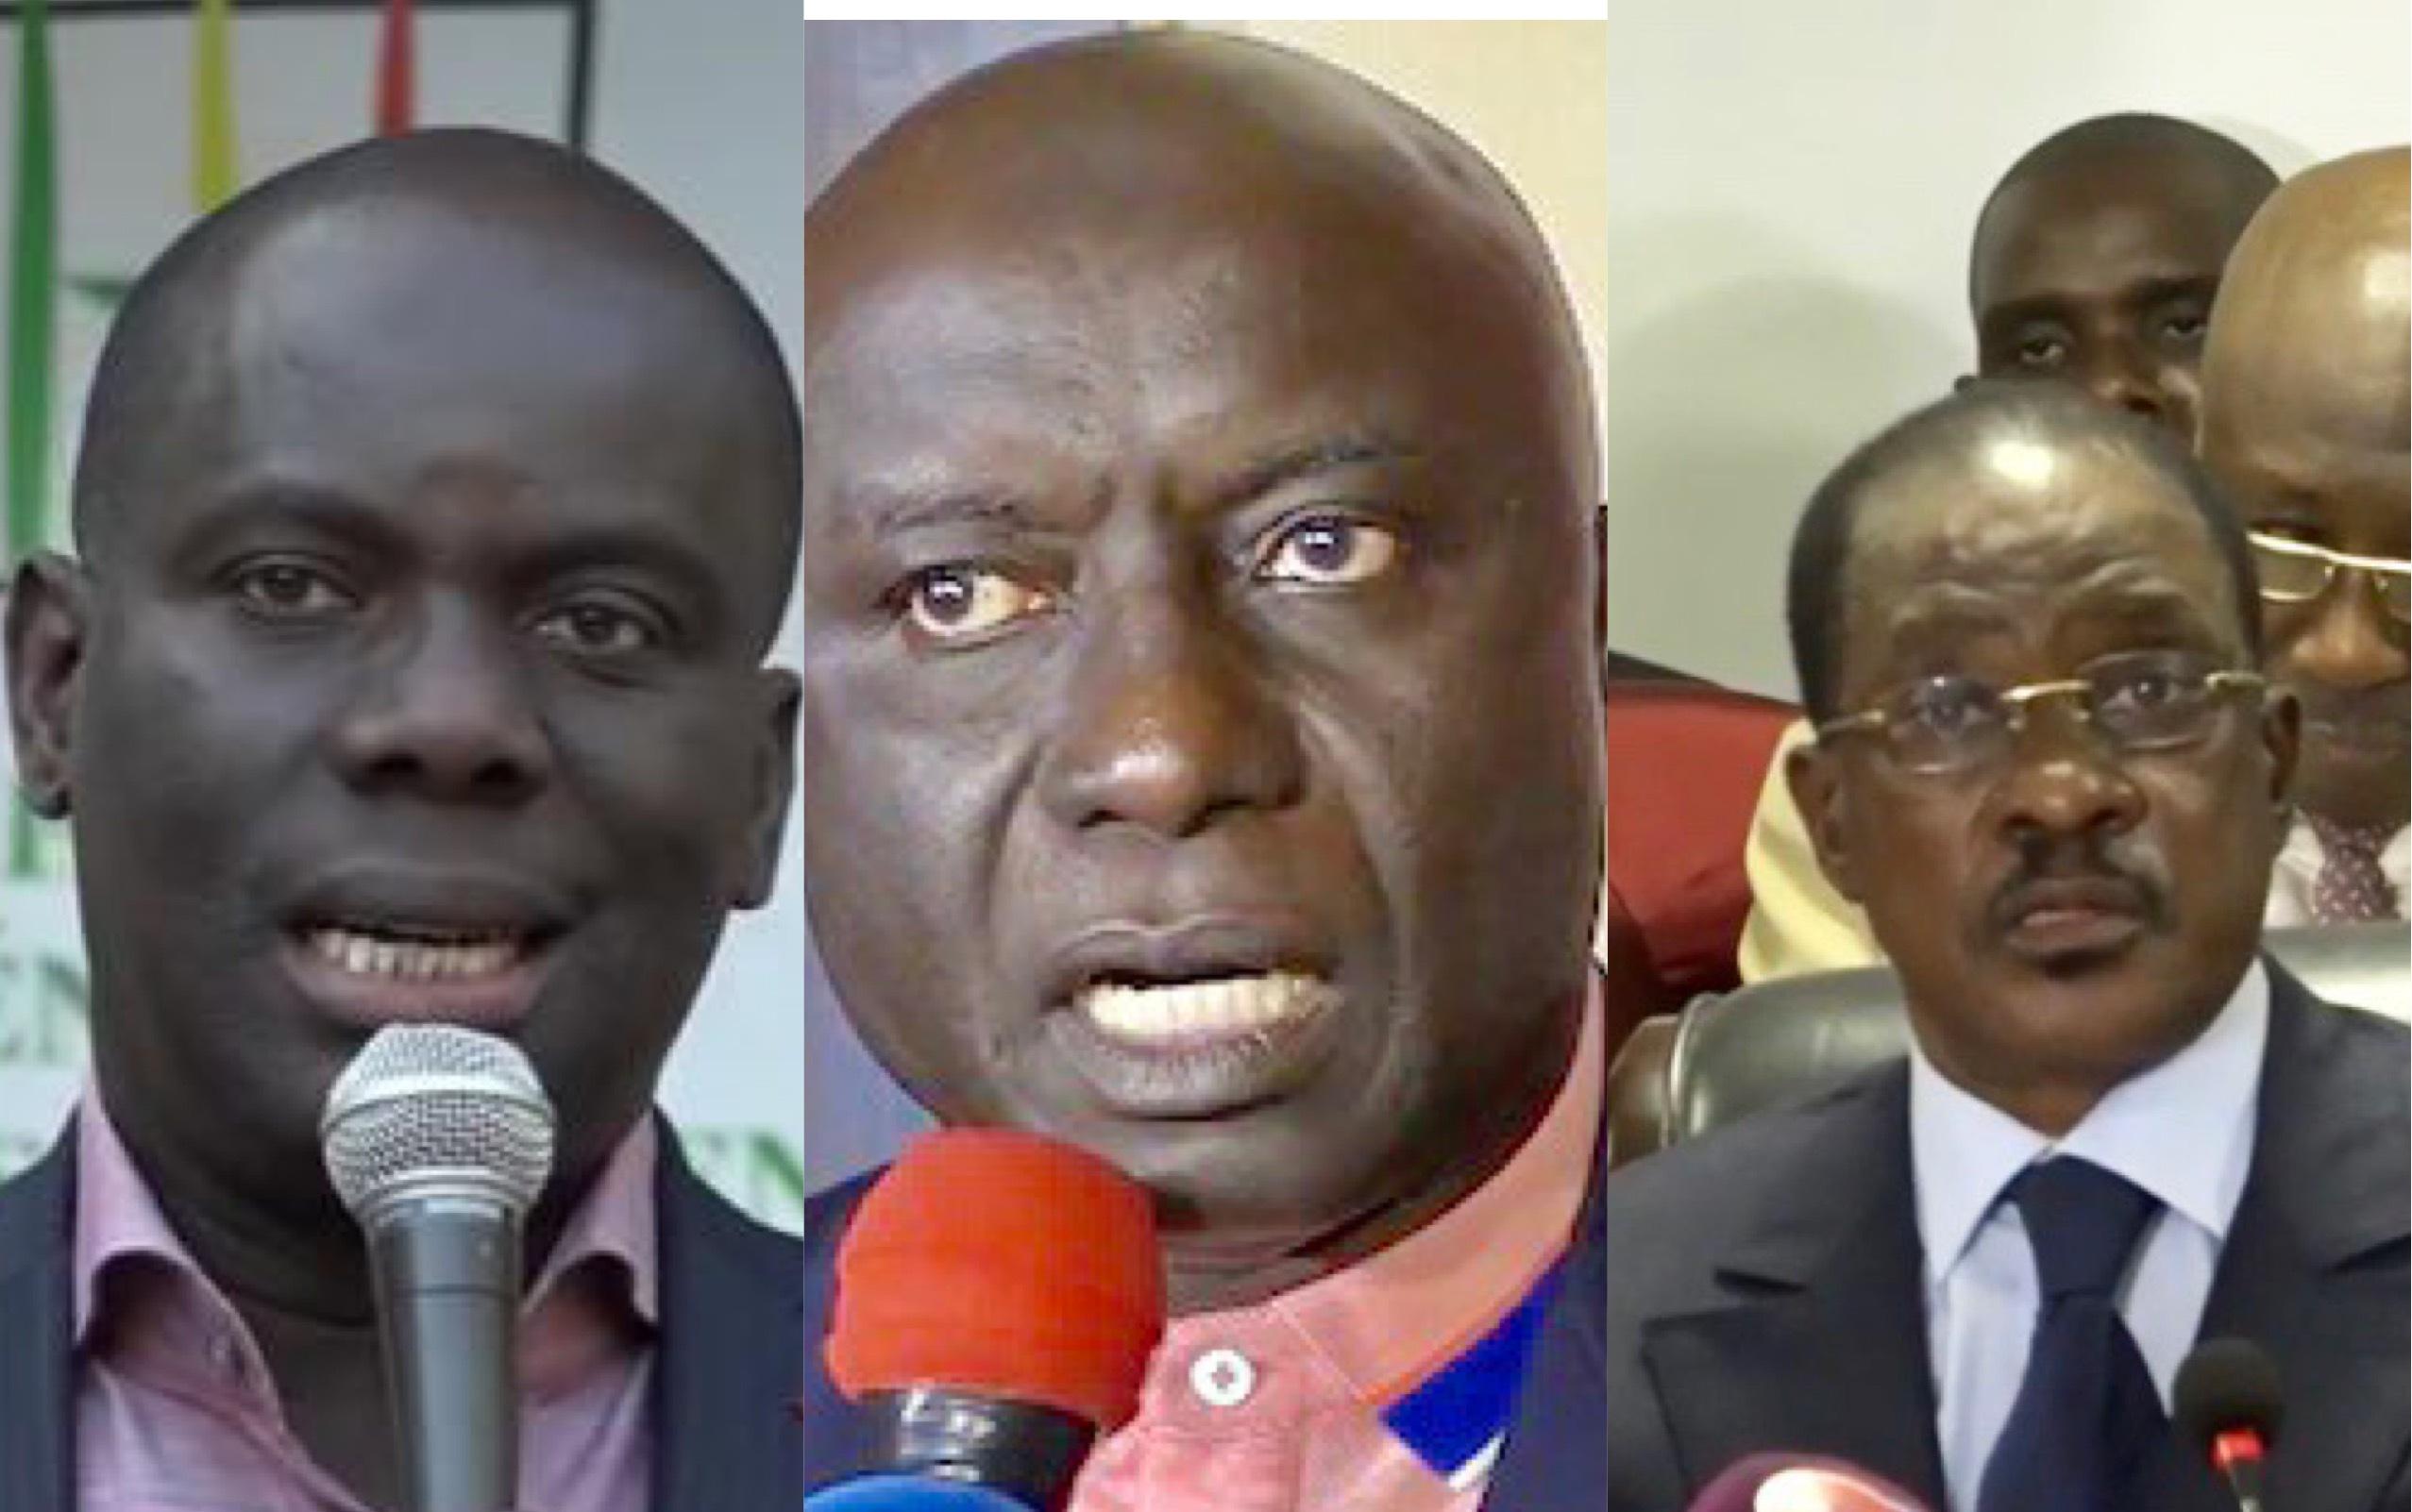 Réunion secrète entre Idrissa Seck et compagnie contre Macky Sall